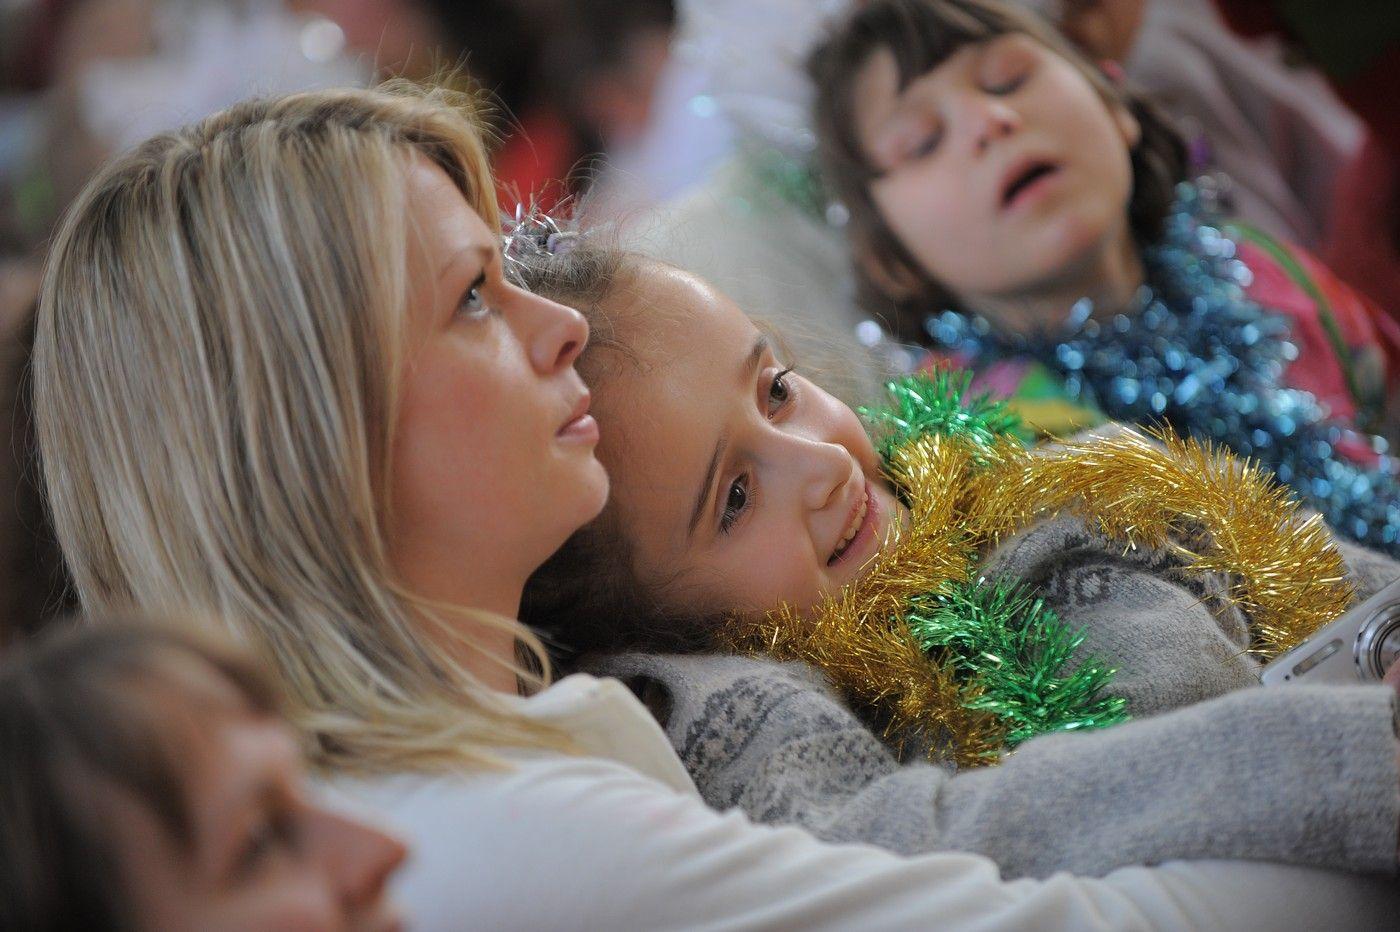 A Fiver for Christmas / 08 November 2012 / News